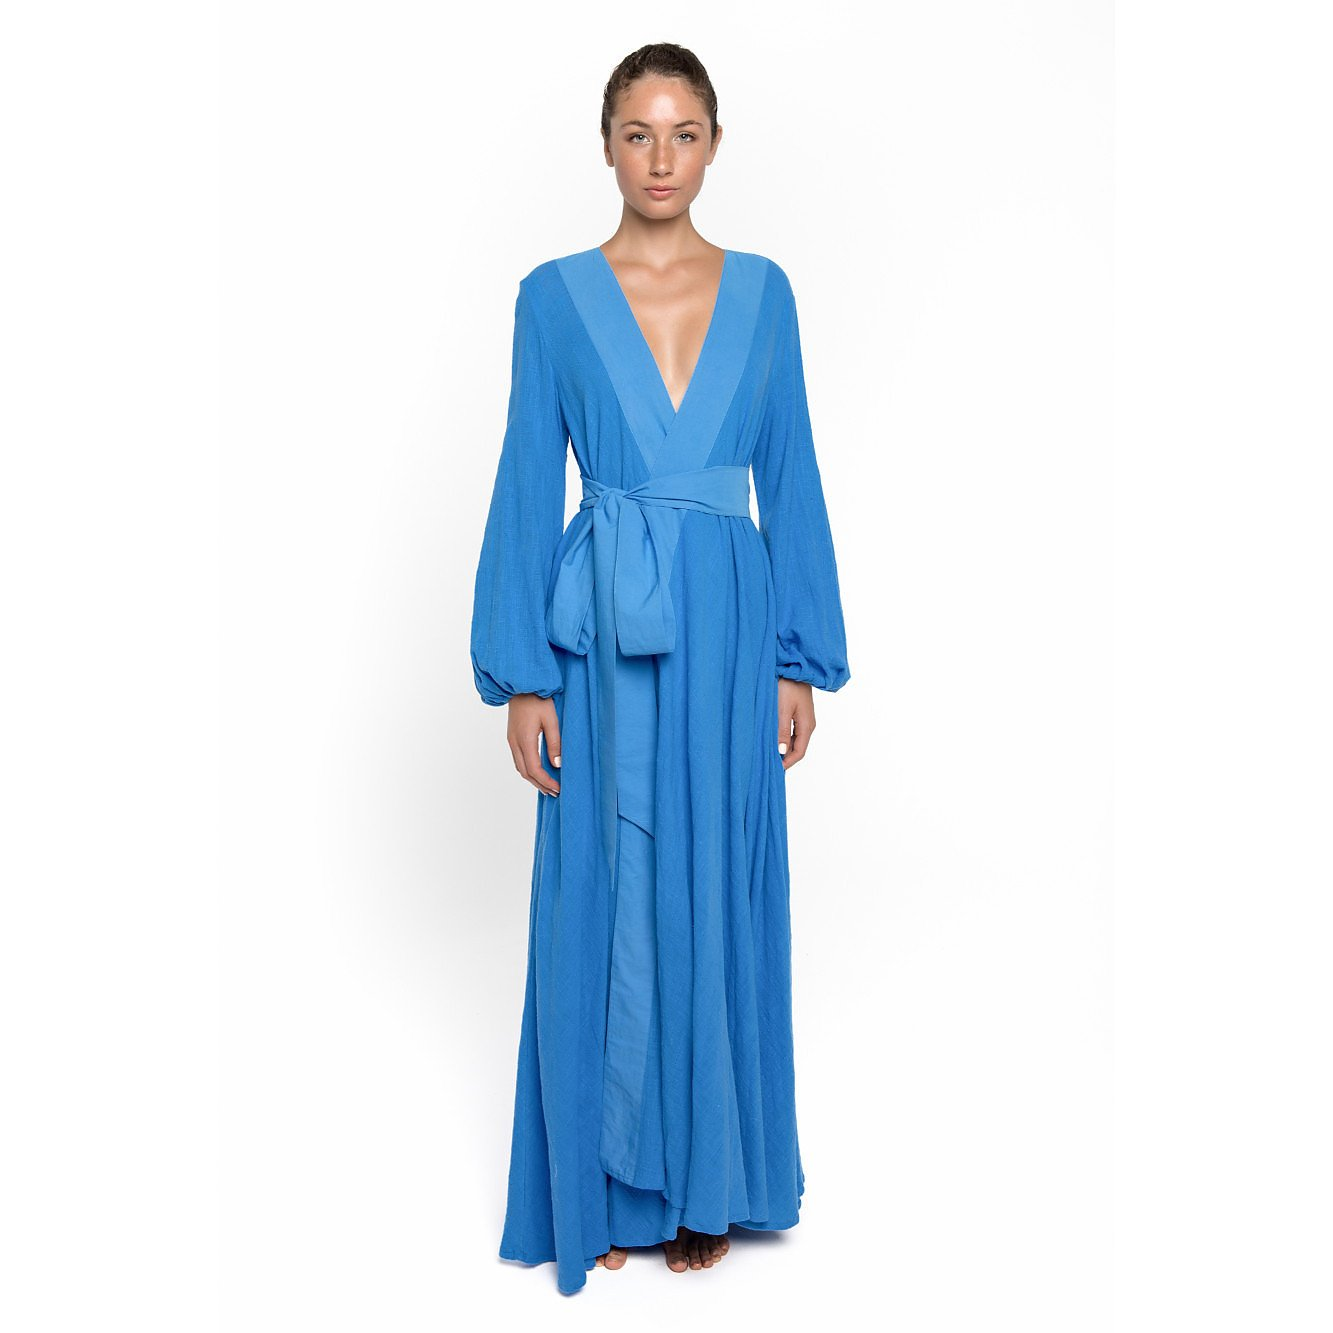 Kalita Gaia Beachwrap Gown